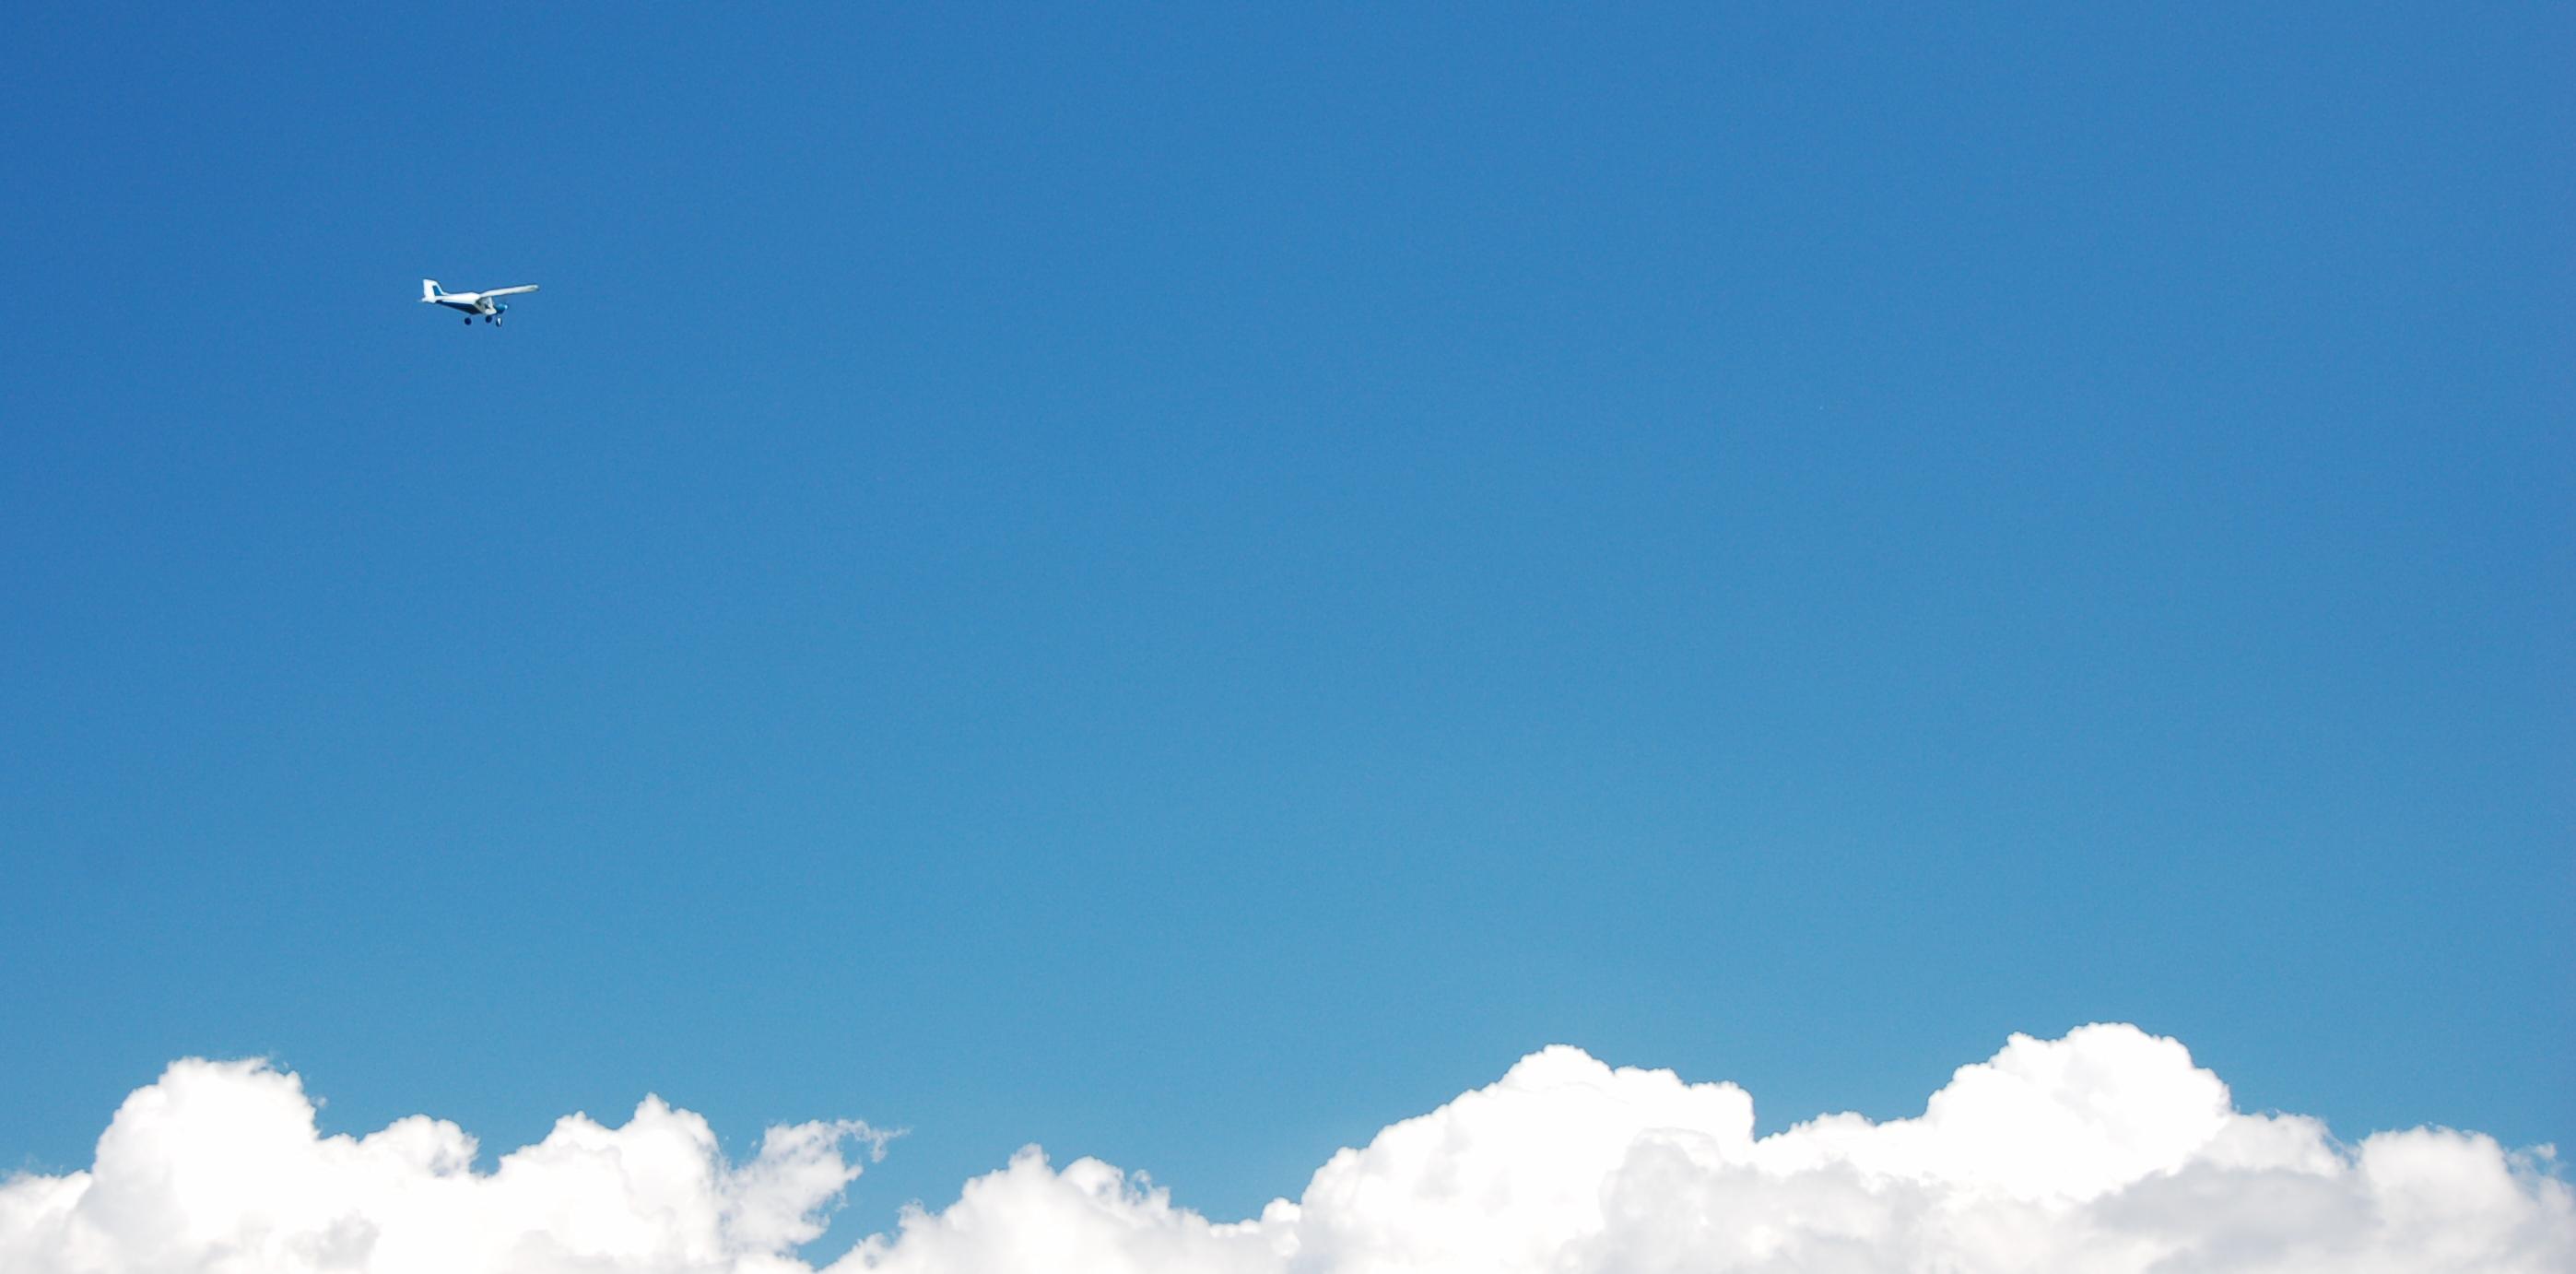 fons-cel.jpg